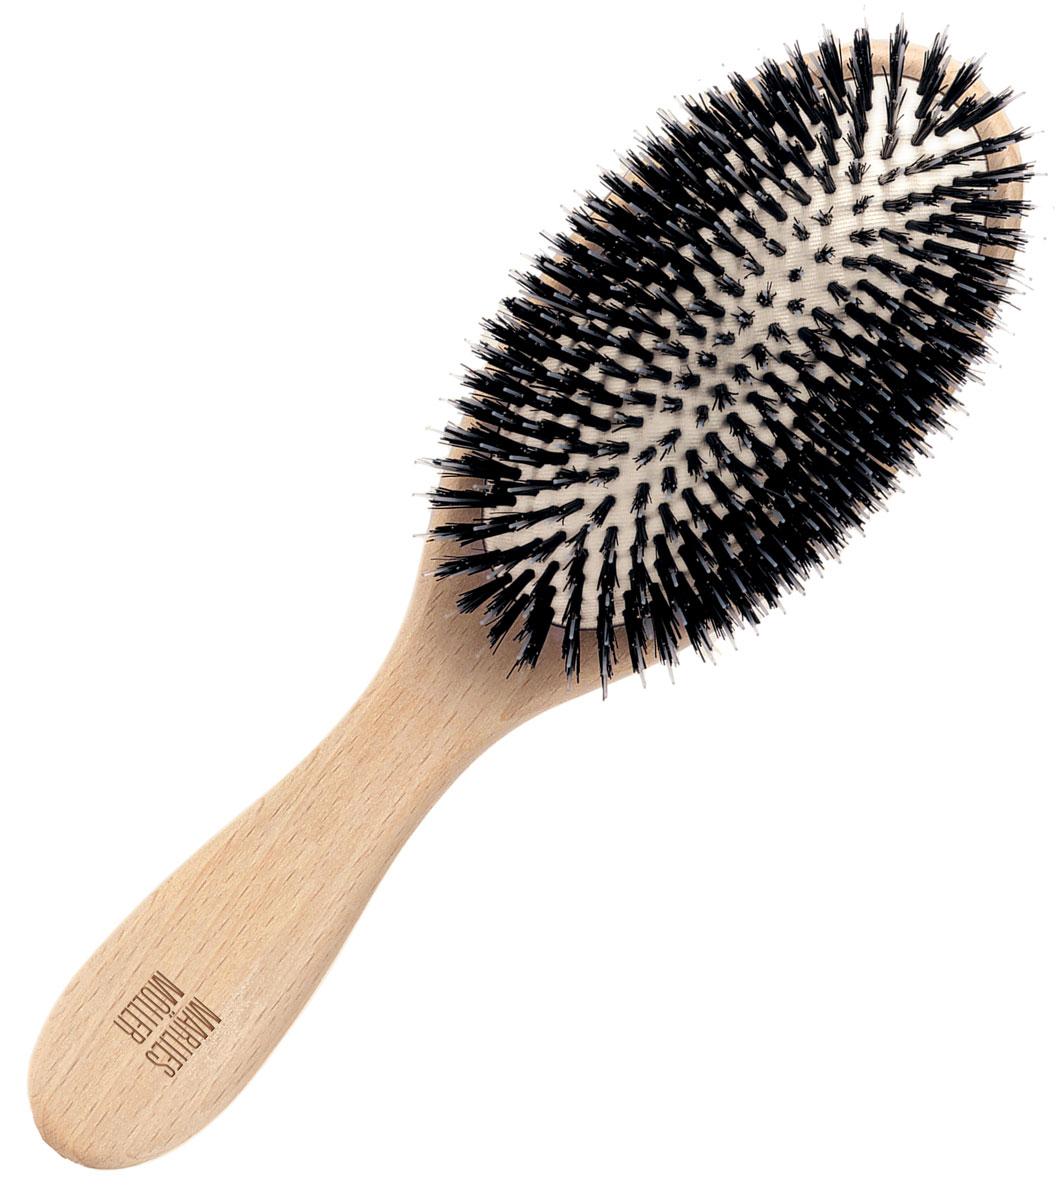 Marlies Moller Щетка для волос, очищающая, маленькая27121MMsИдеально удаляет загрязнения, пыль или остатки укладочных средств. Все щетинки разной толщины и длины, они отлично вычесывают загрязнения. Обязательно используйте щетку перед мытьем волос, она позволяет уменьшить расход шампуня в 2 - 2, 5 раза. Эта щетка называется - профессиональное сияние. Действительно, она мгновенно придает волосам блеск, так как хорошо приглаживает чешуйки волос. Поэтому используйте щетку не только перед мытьем, но и ежедневно утром и вечером.Очищающую щетку используйте утром и вечером, от кончиков по всей длине волос